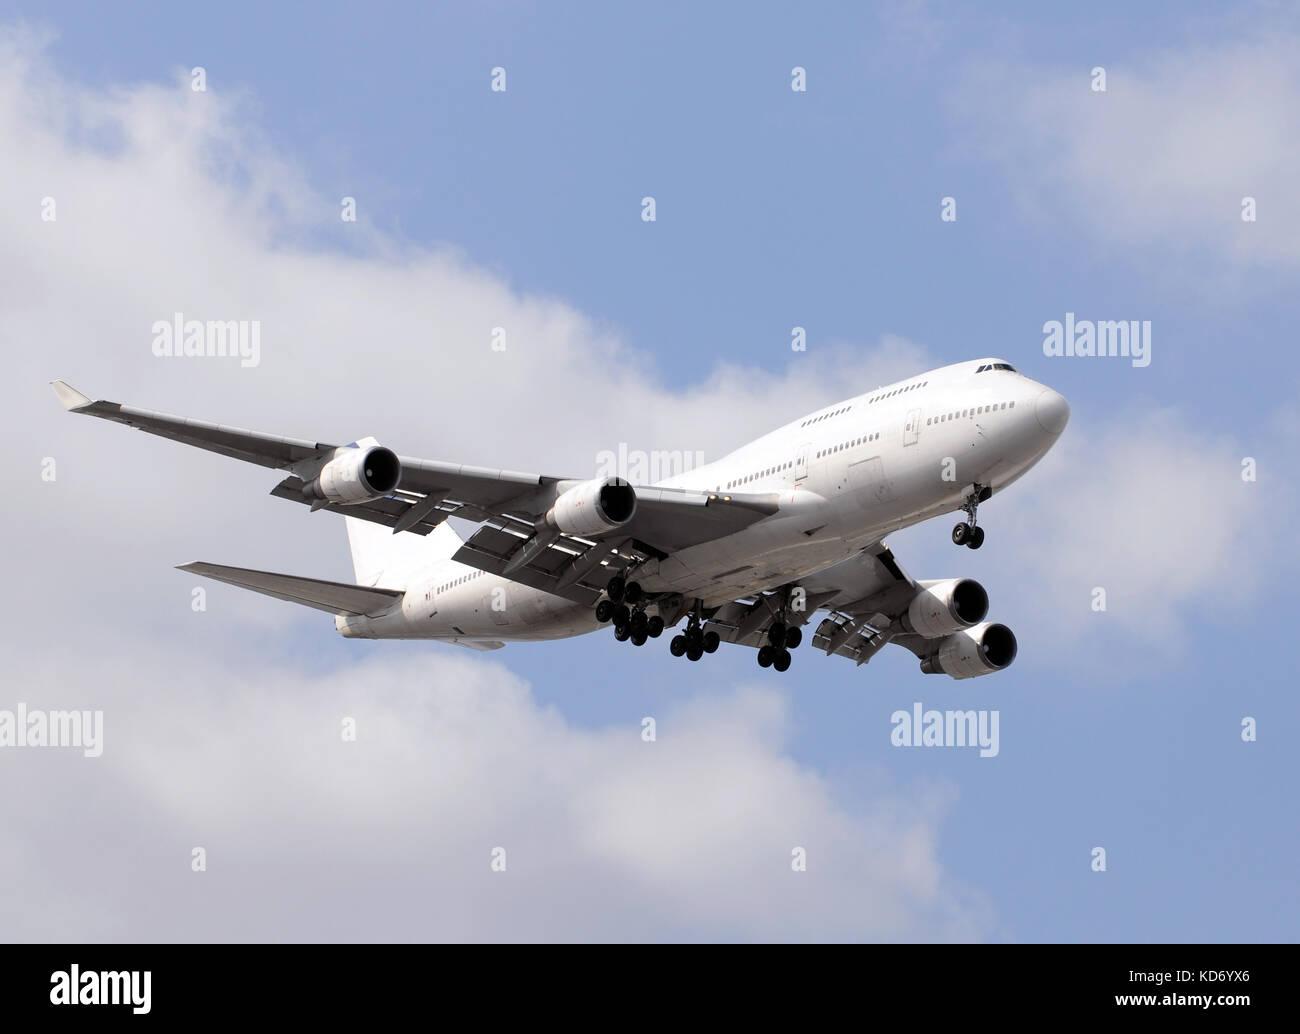 Heavy wodebody passenger jet for long distance travel - Stock Image